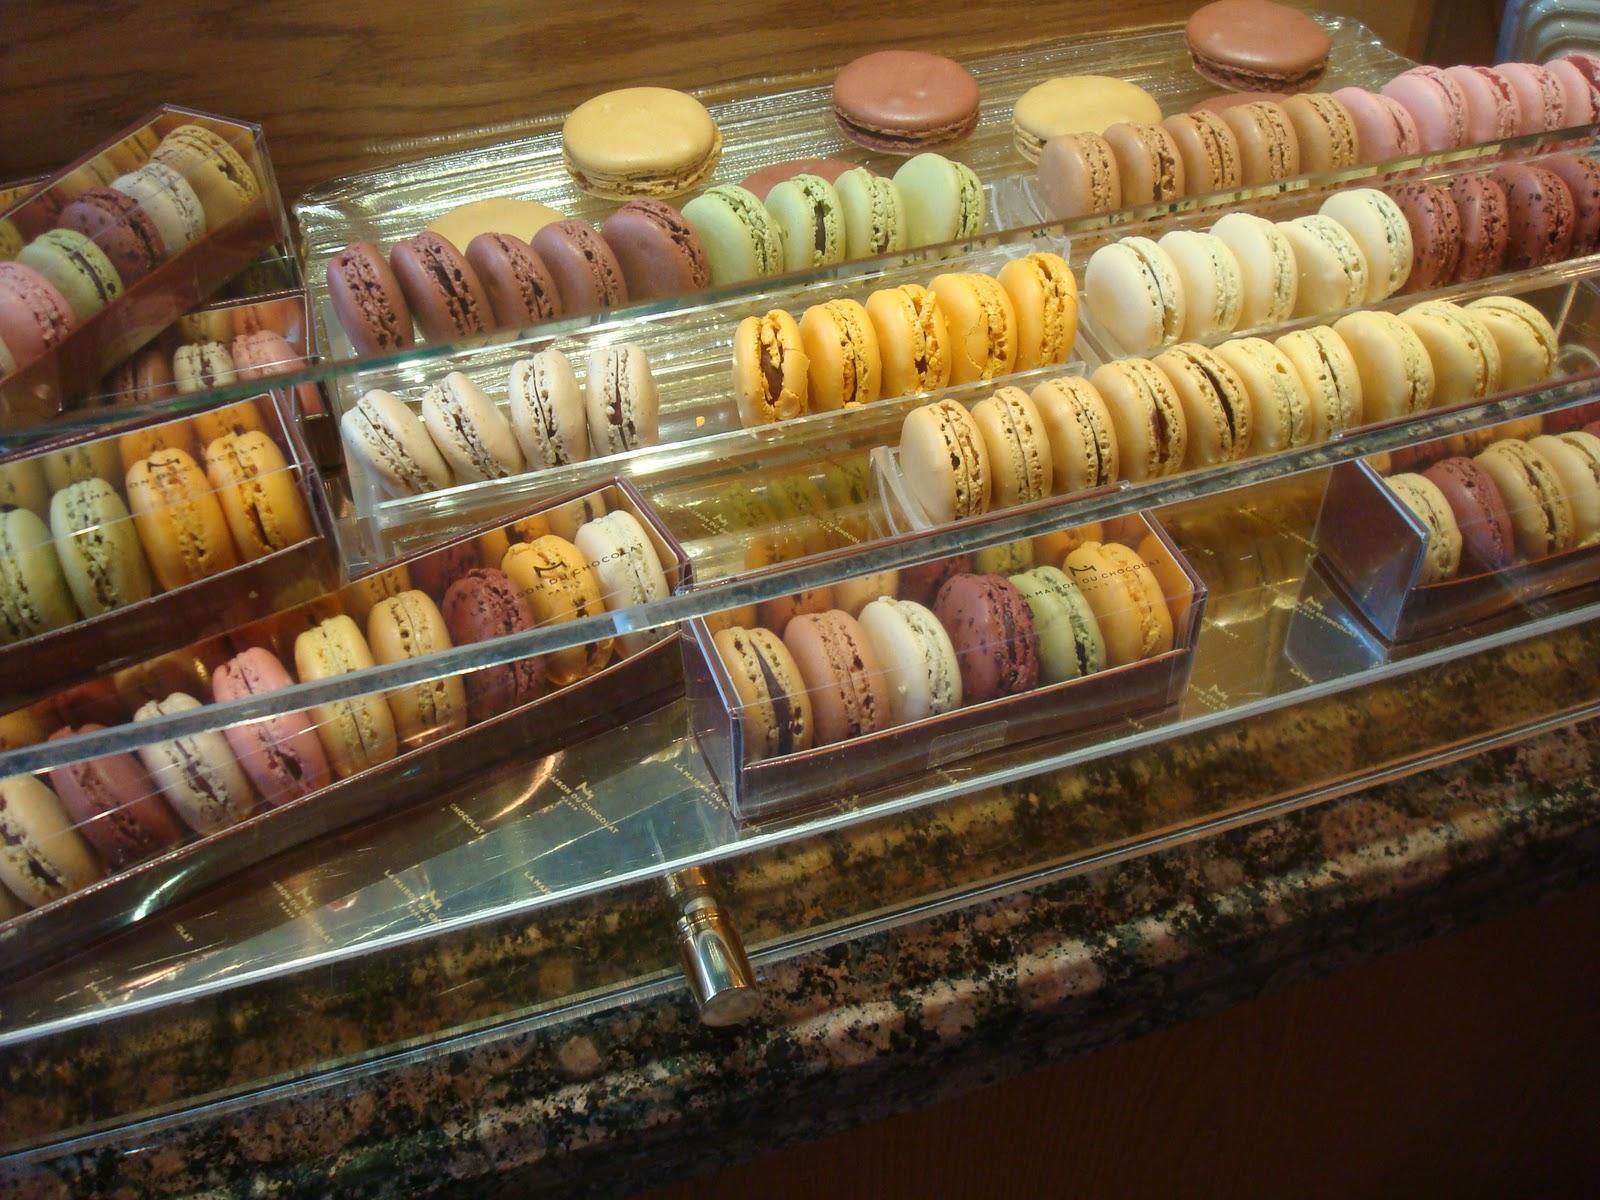 Les amies doces macarons em nova york for Macarons la maison du chocolat